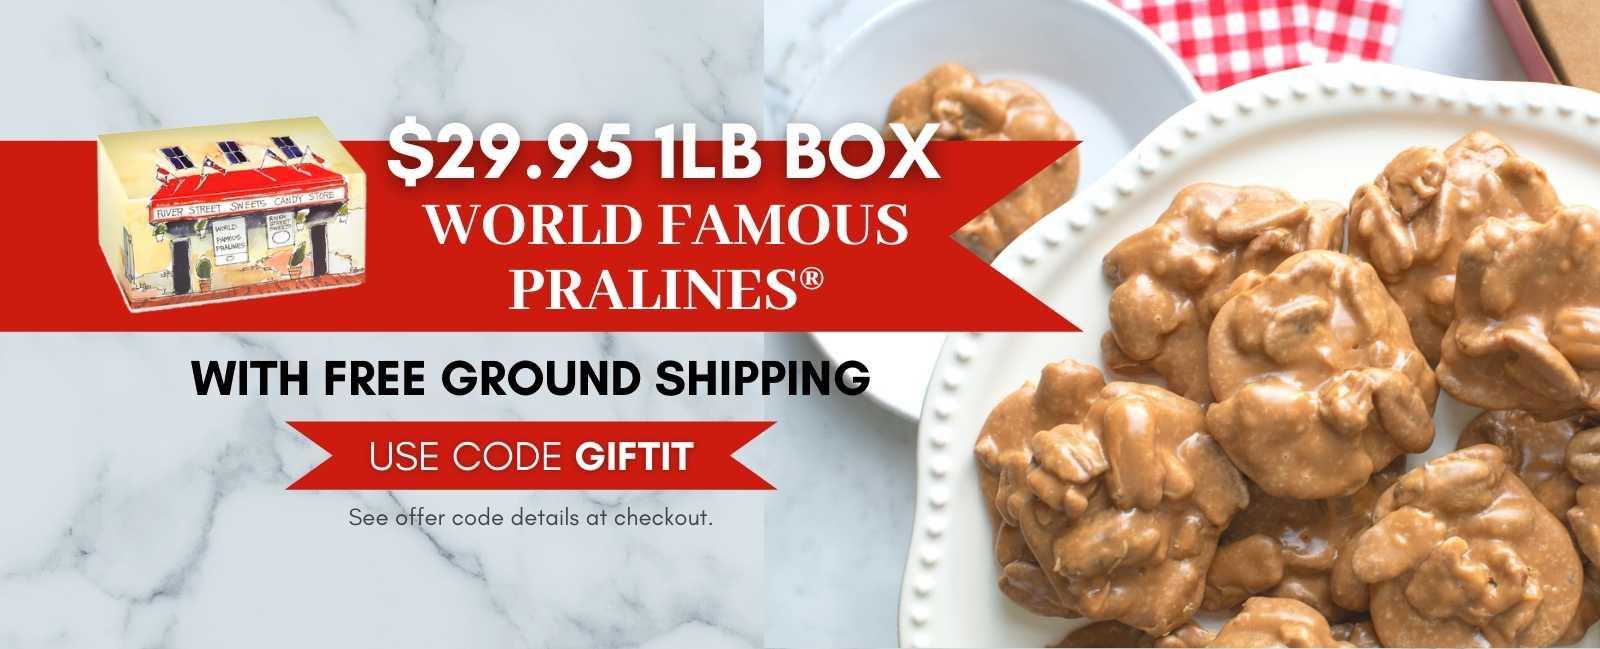 Shop $29.95 1lb Praline Box